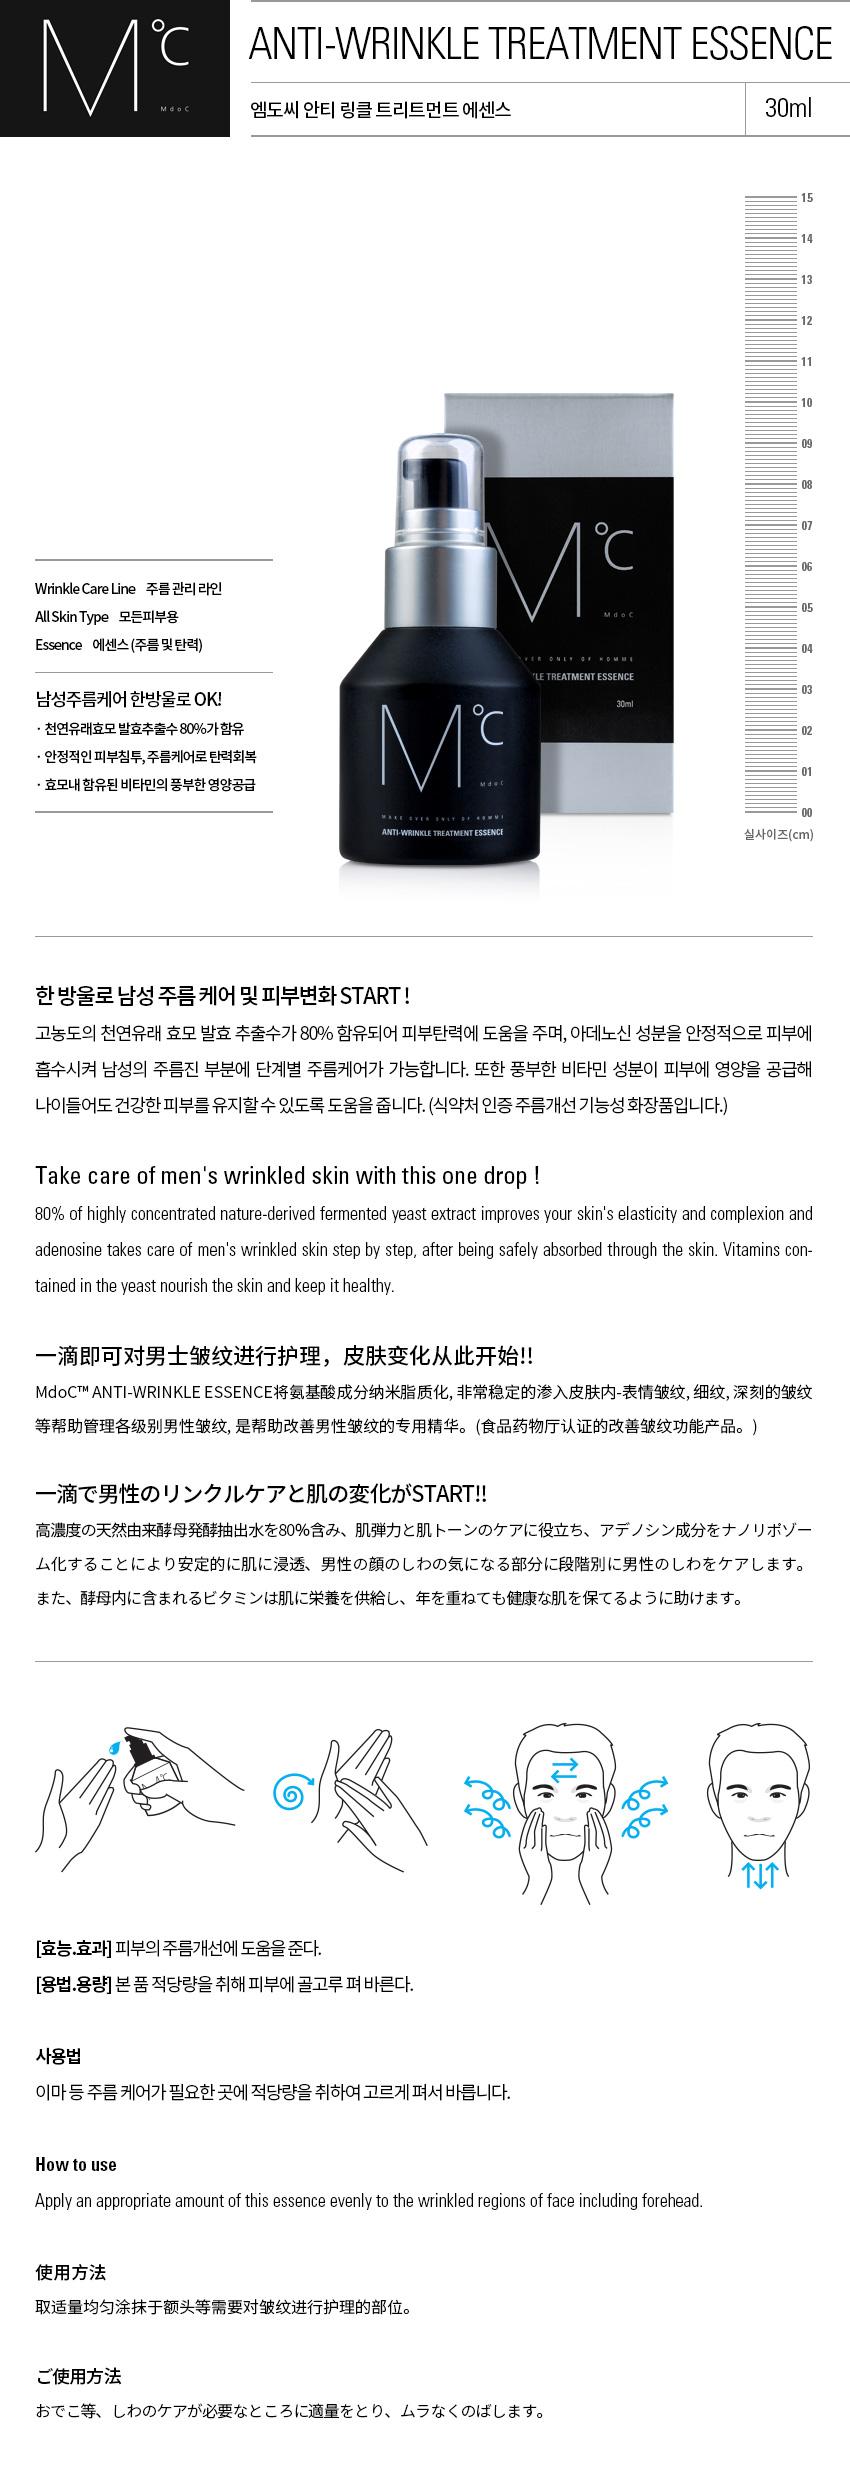 [엠도씨] 안티 링클 트리트먼트 에센스 - (남성 주름개선 기능성인증 제품)